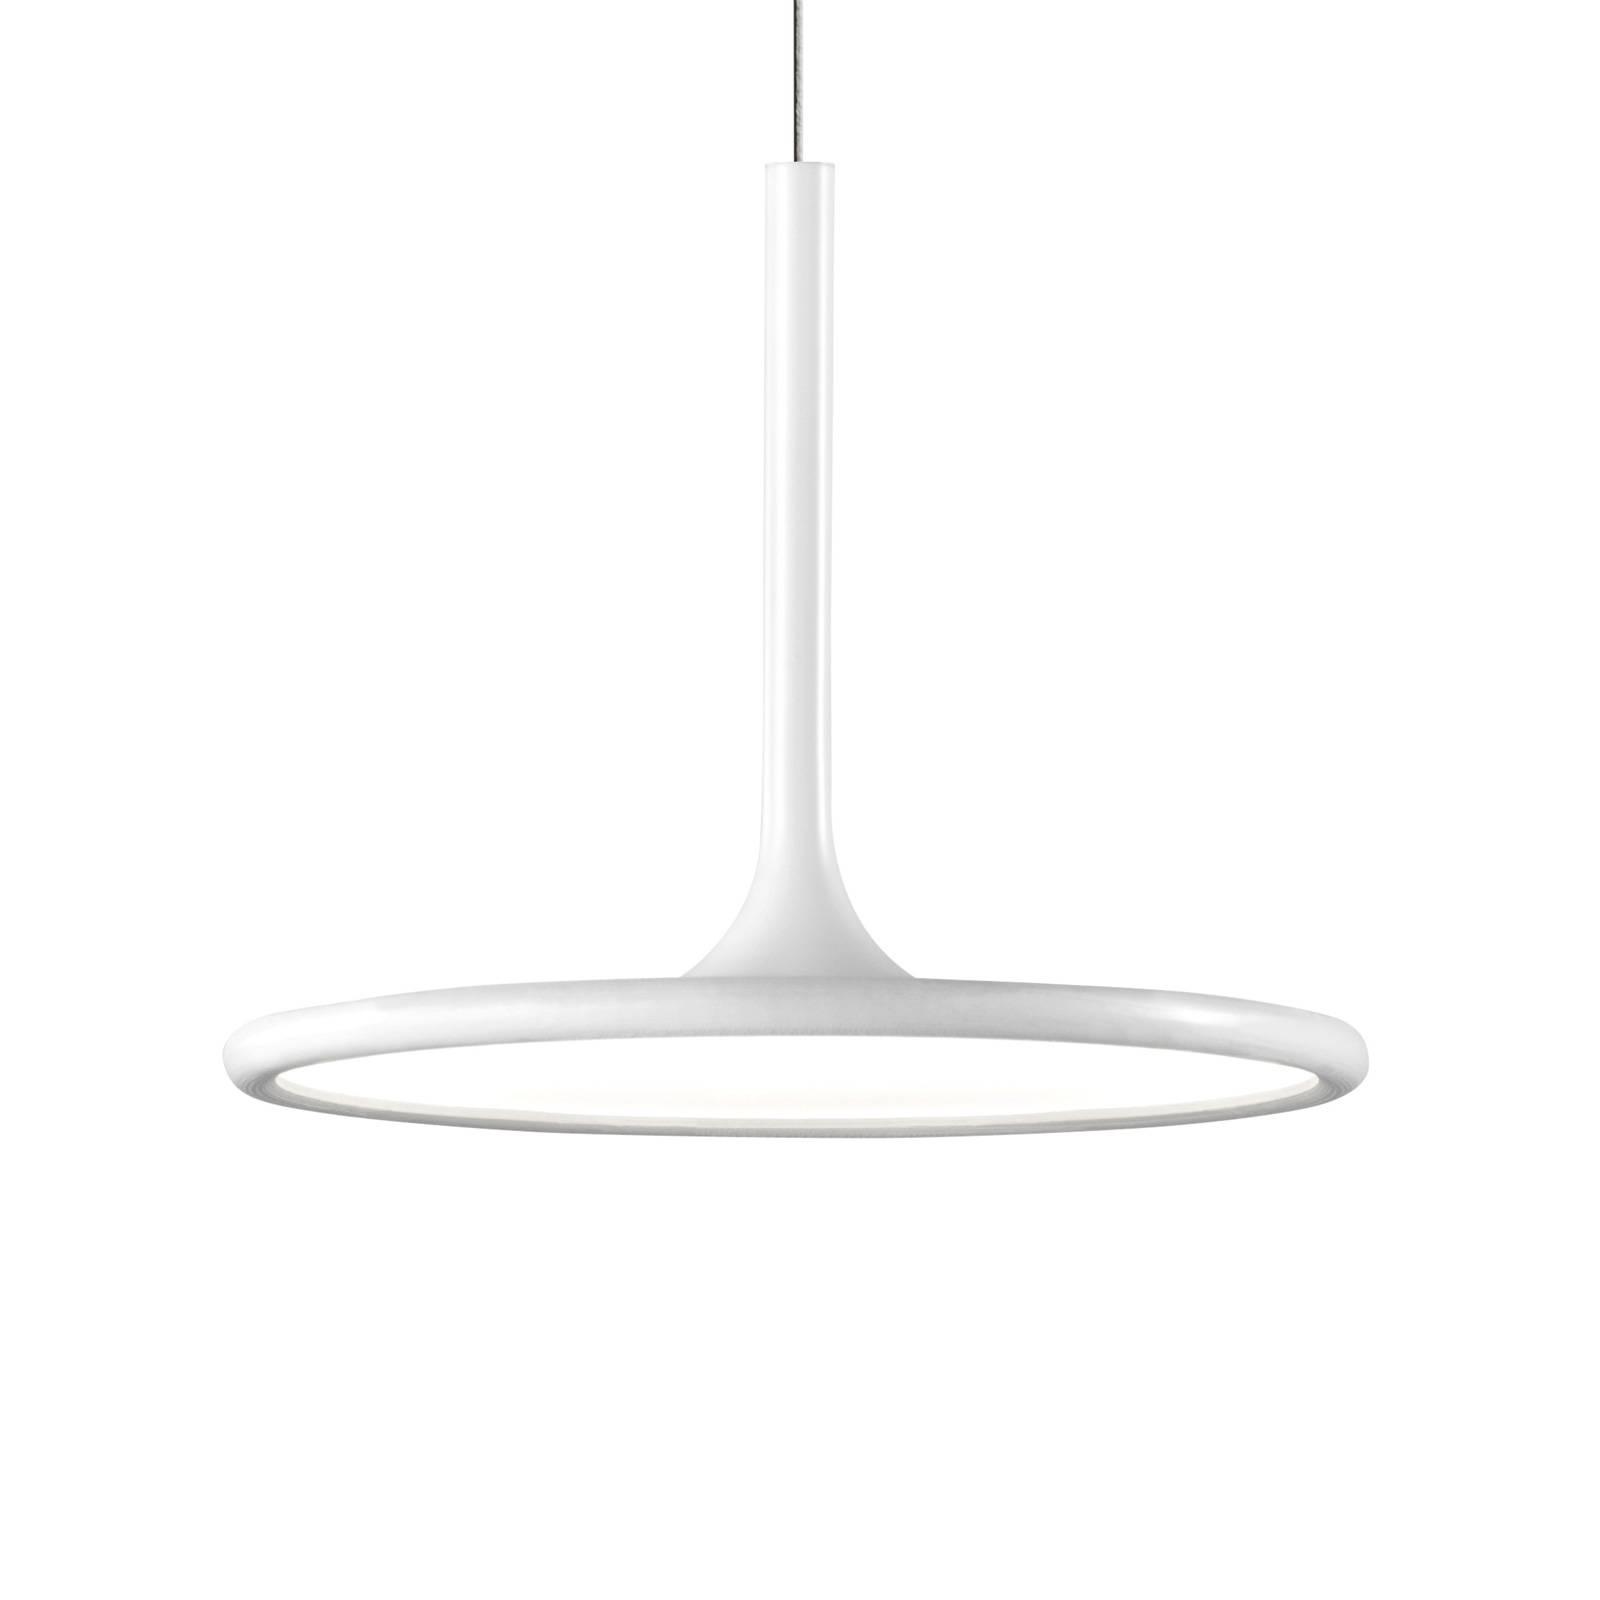 Grok net LED hanglamp in mat wit, Ø 25 cm